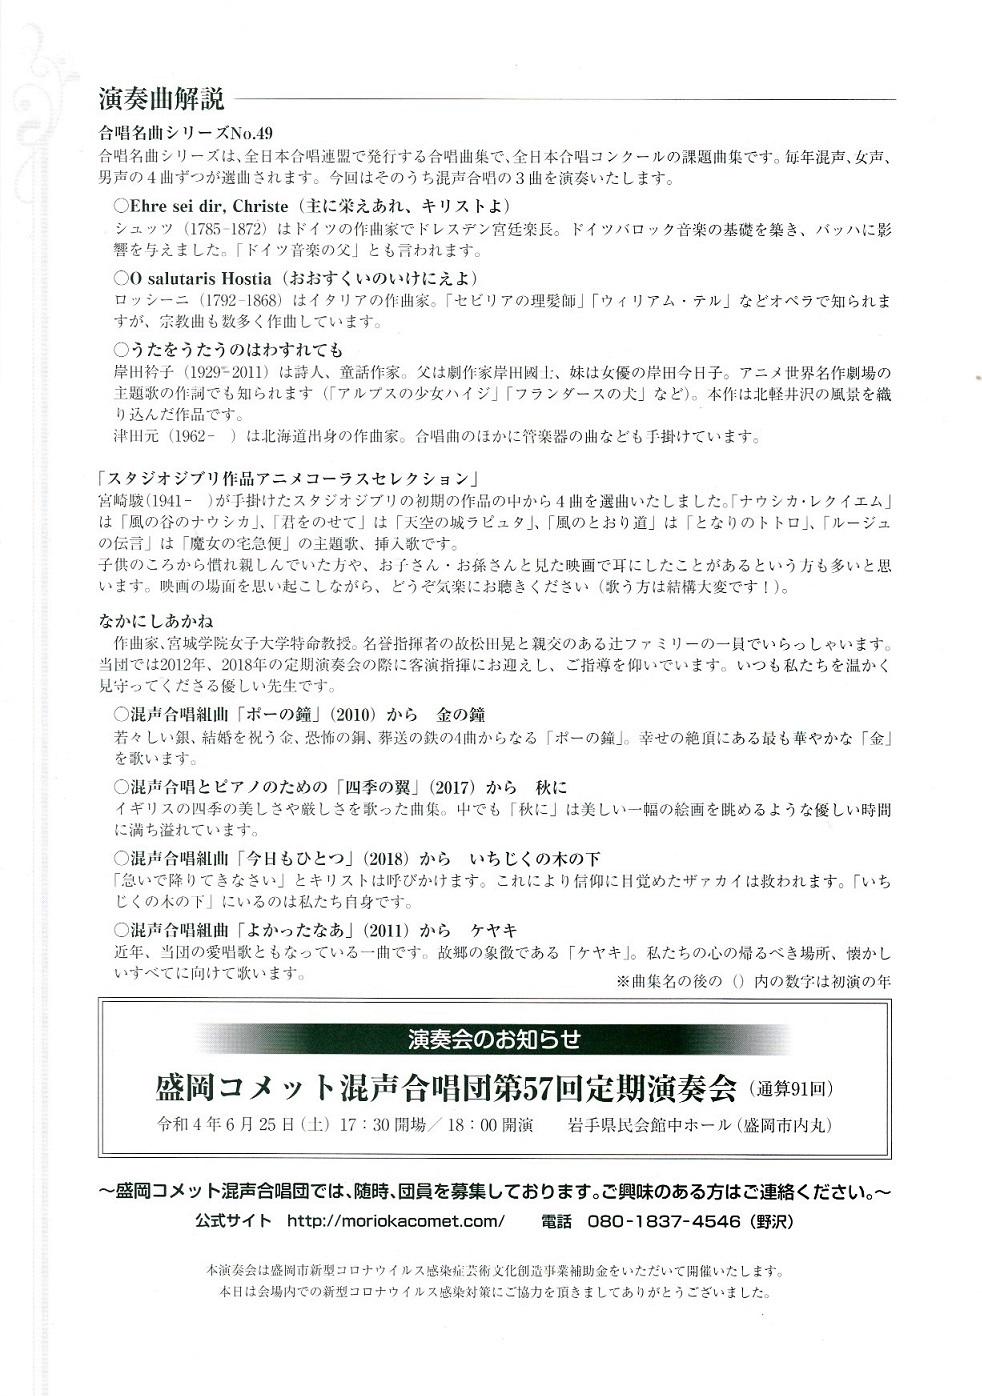 第90回演奏会_c0125004_11094055.jpg